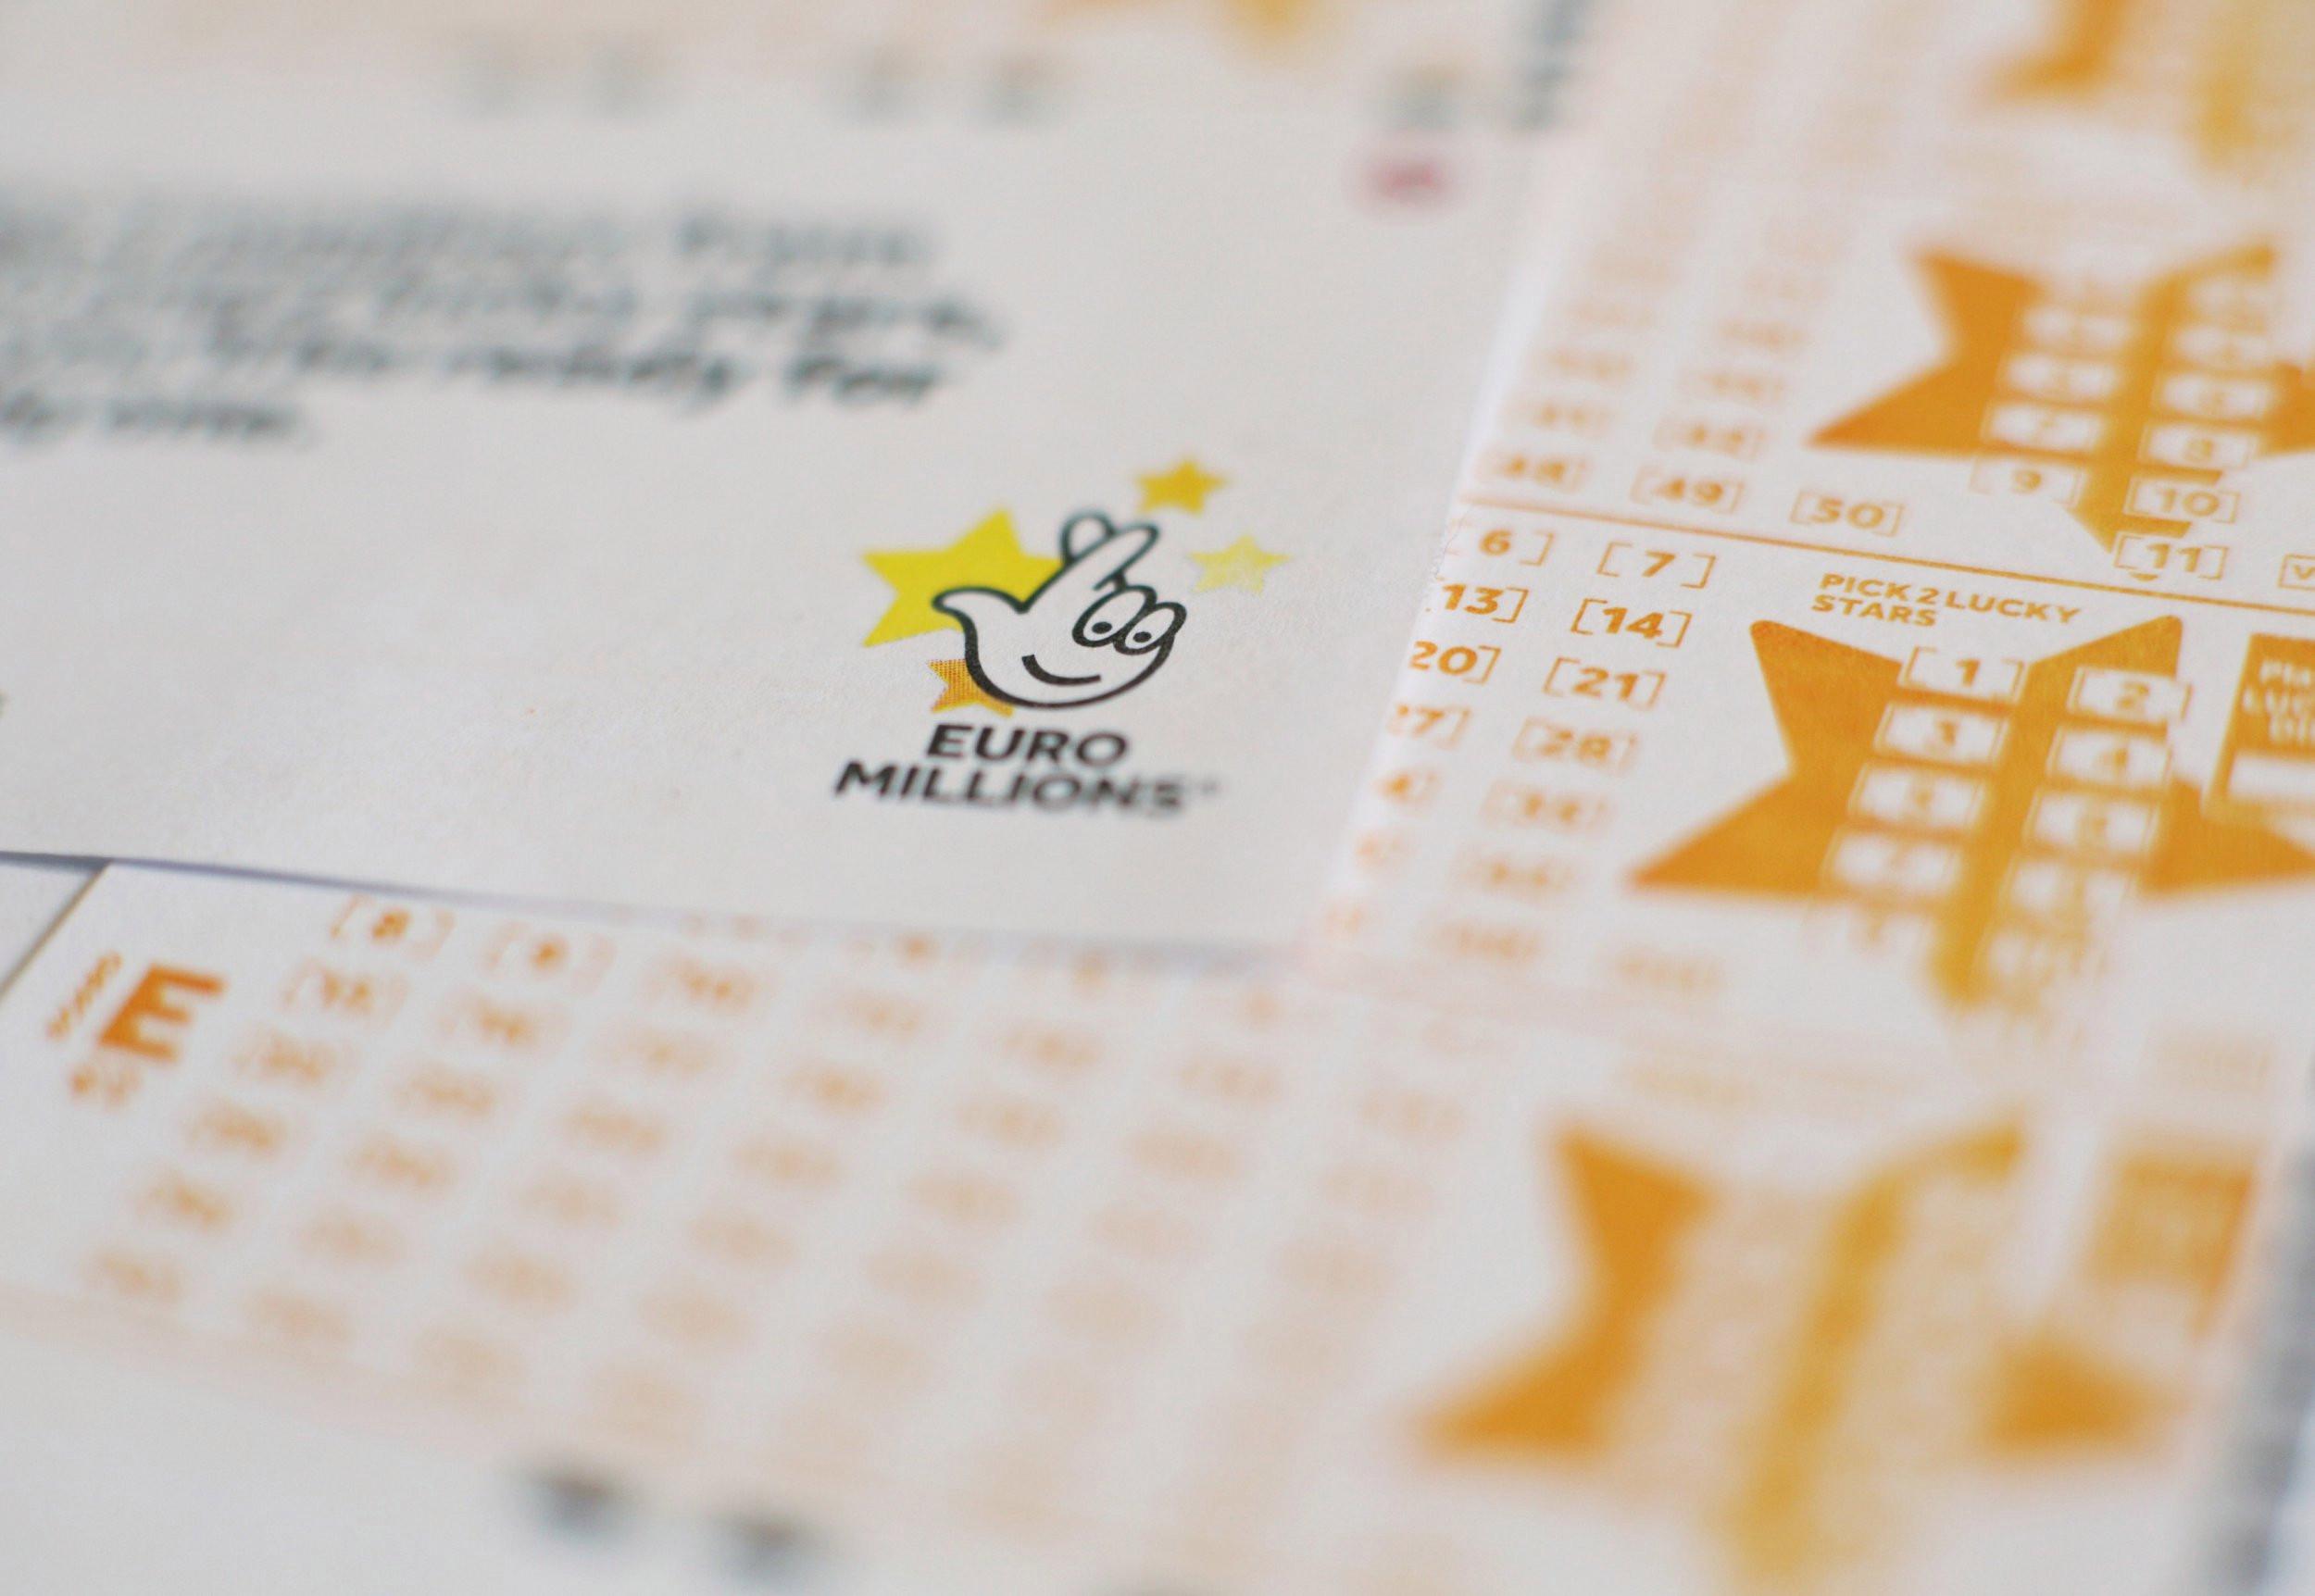 Resultados y botes loterías y apuestas del estado - lotopia.com.